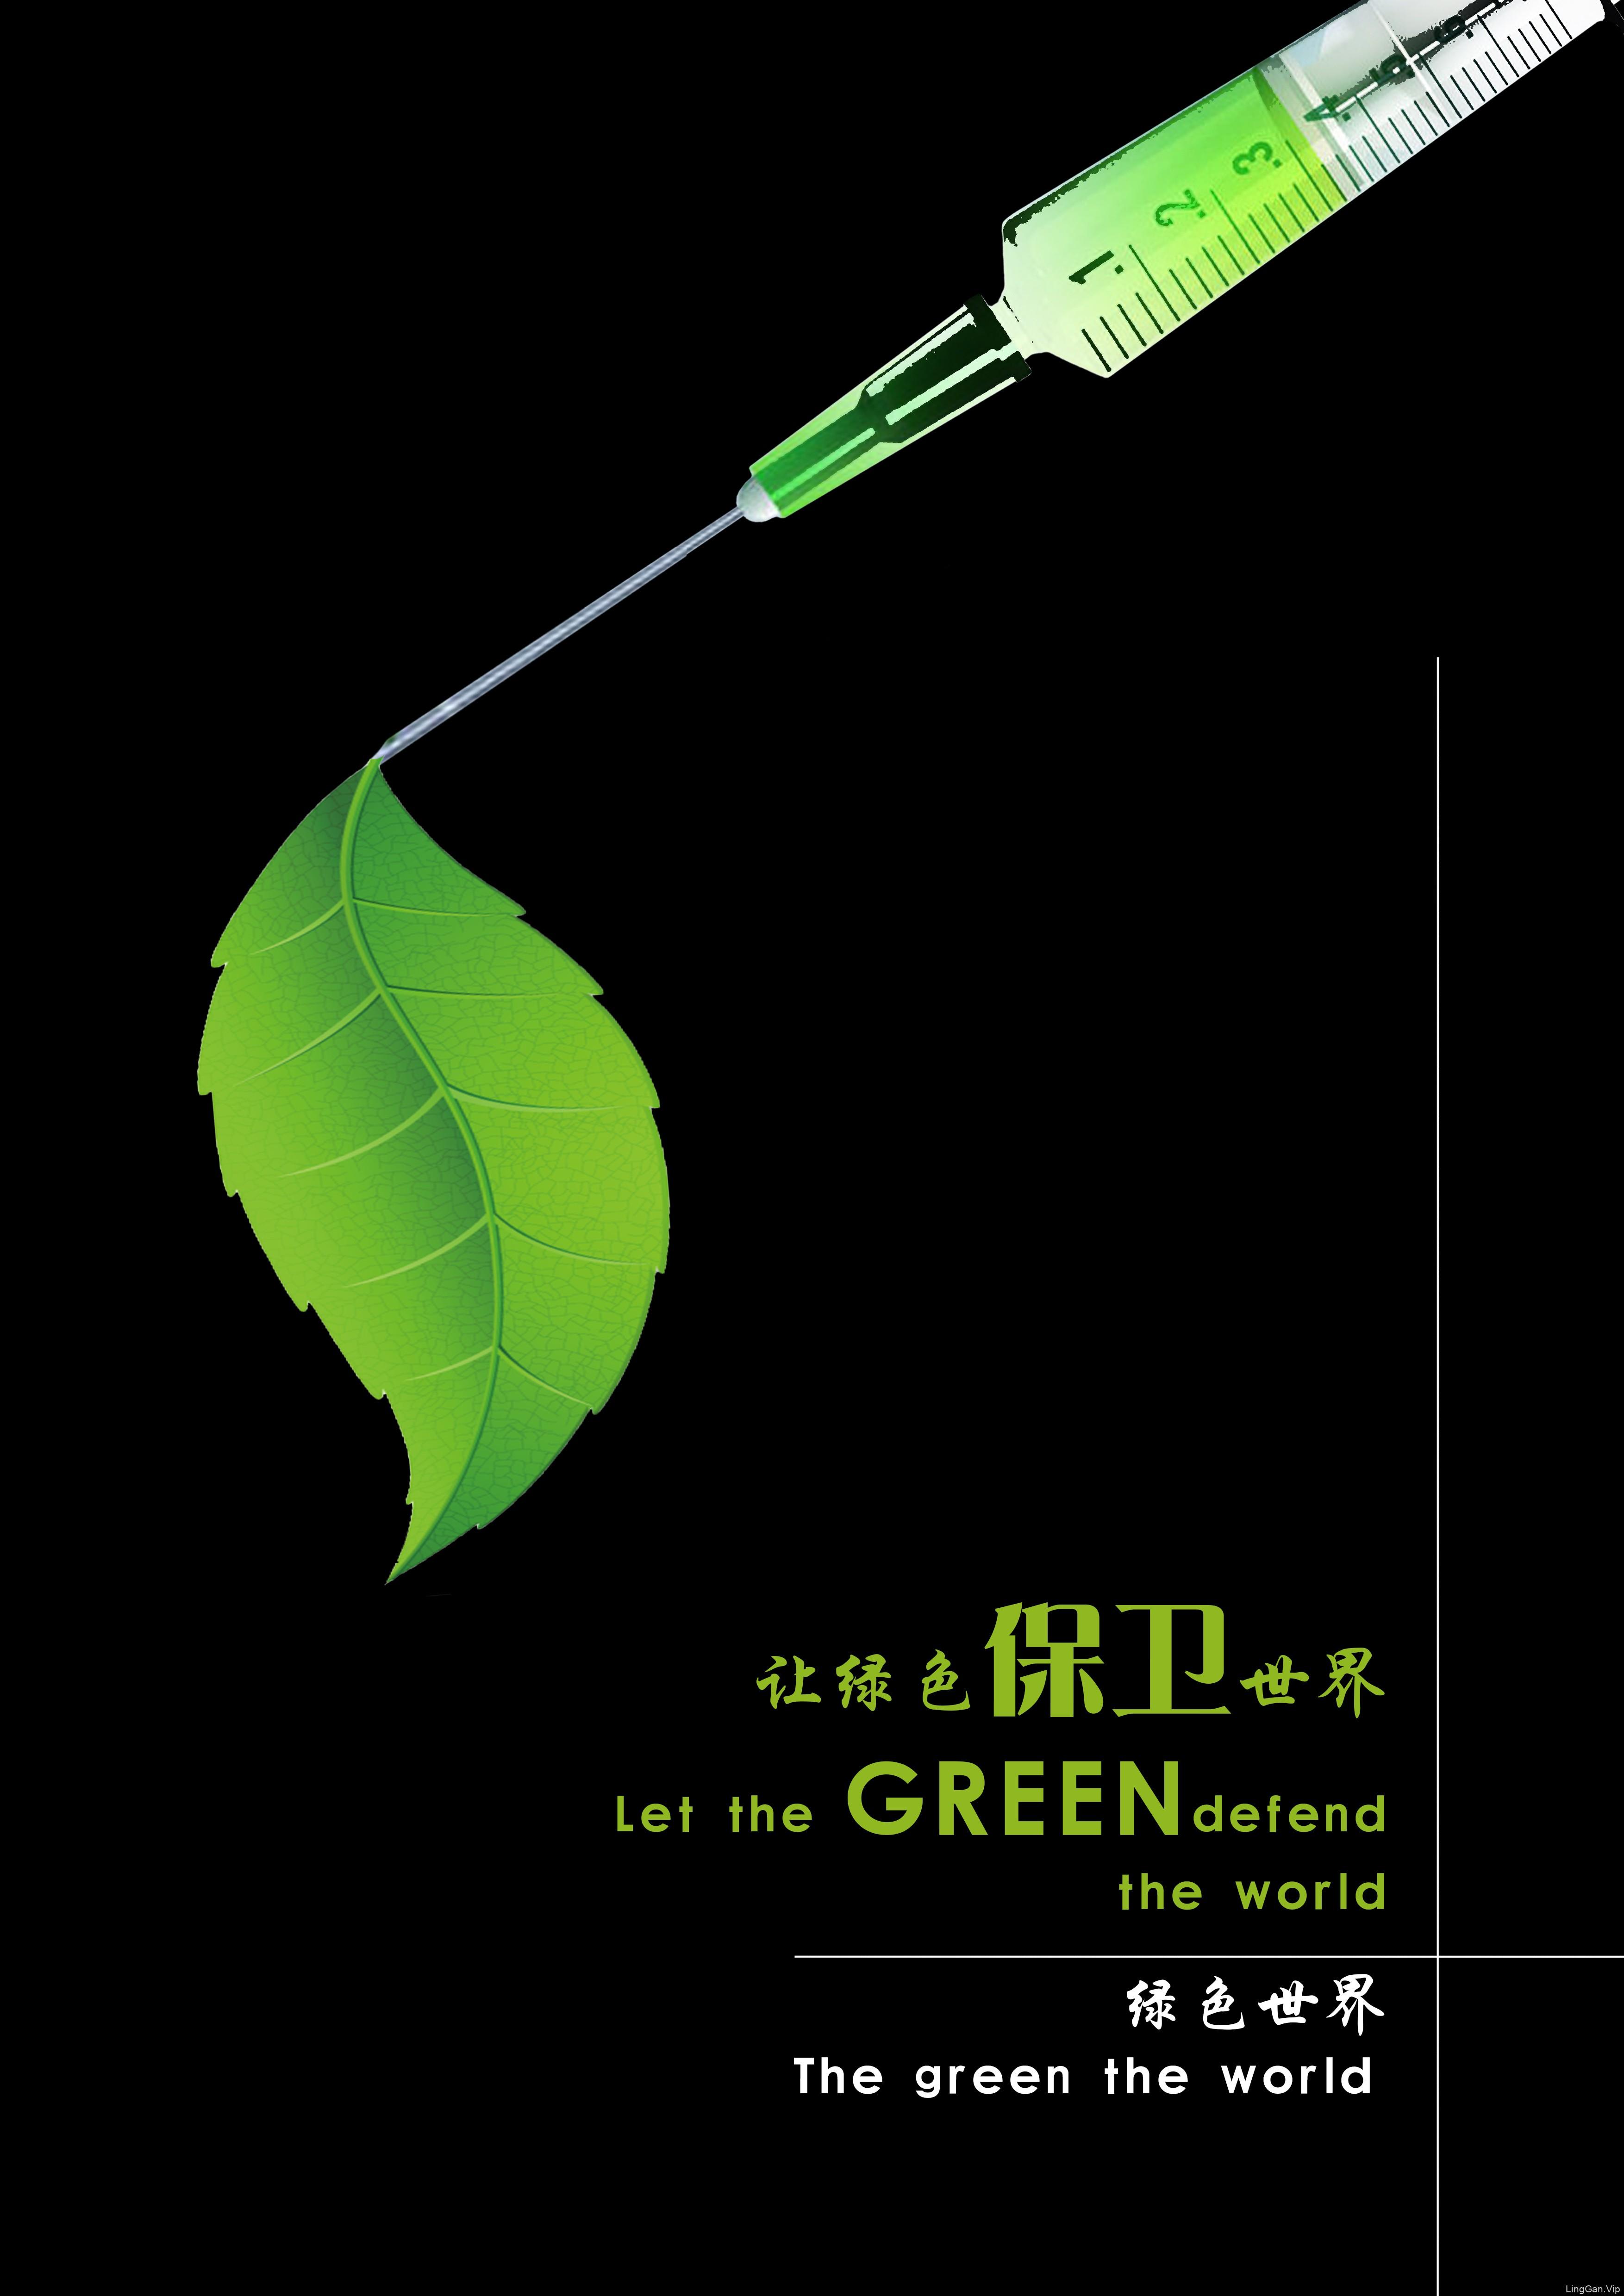 让绿色充满世界,让绿色保卫世界